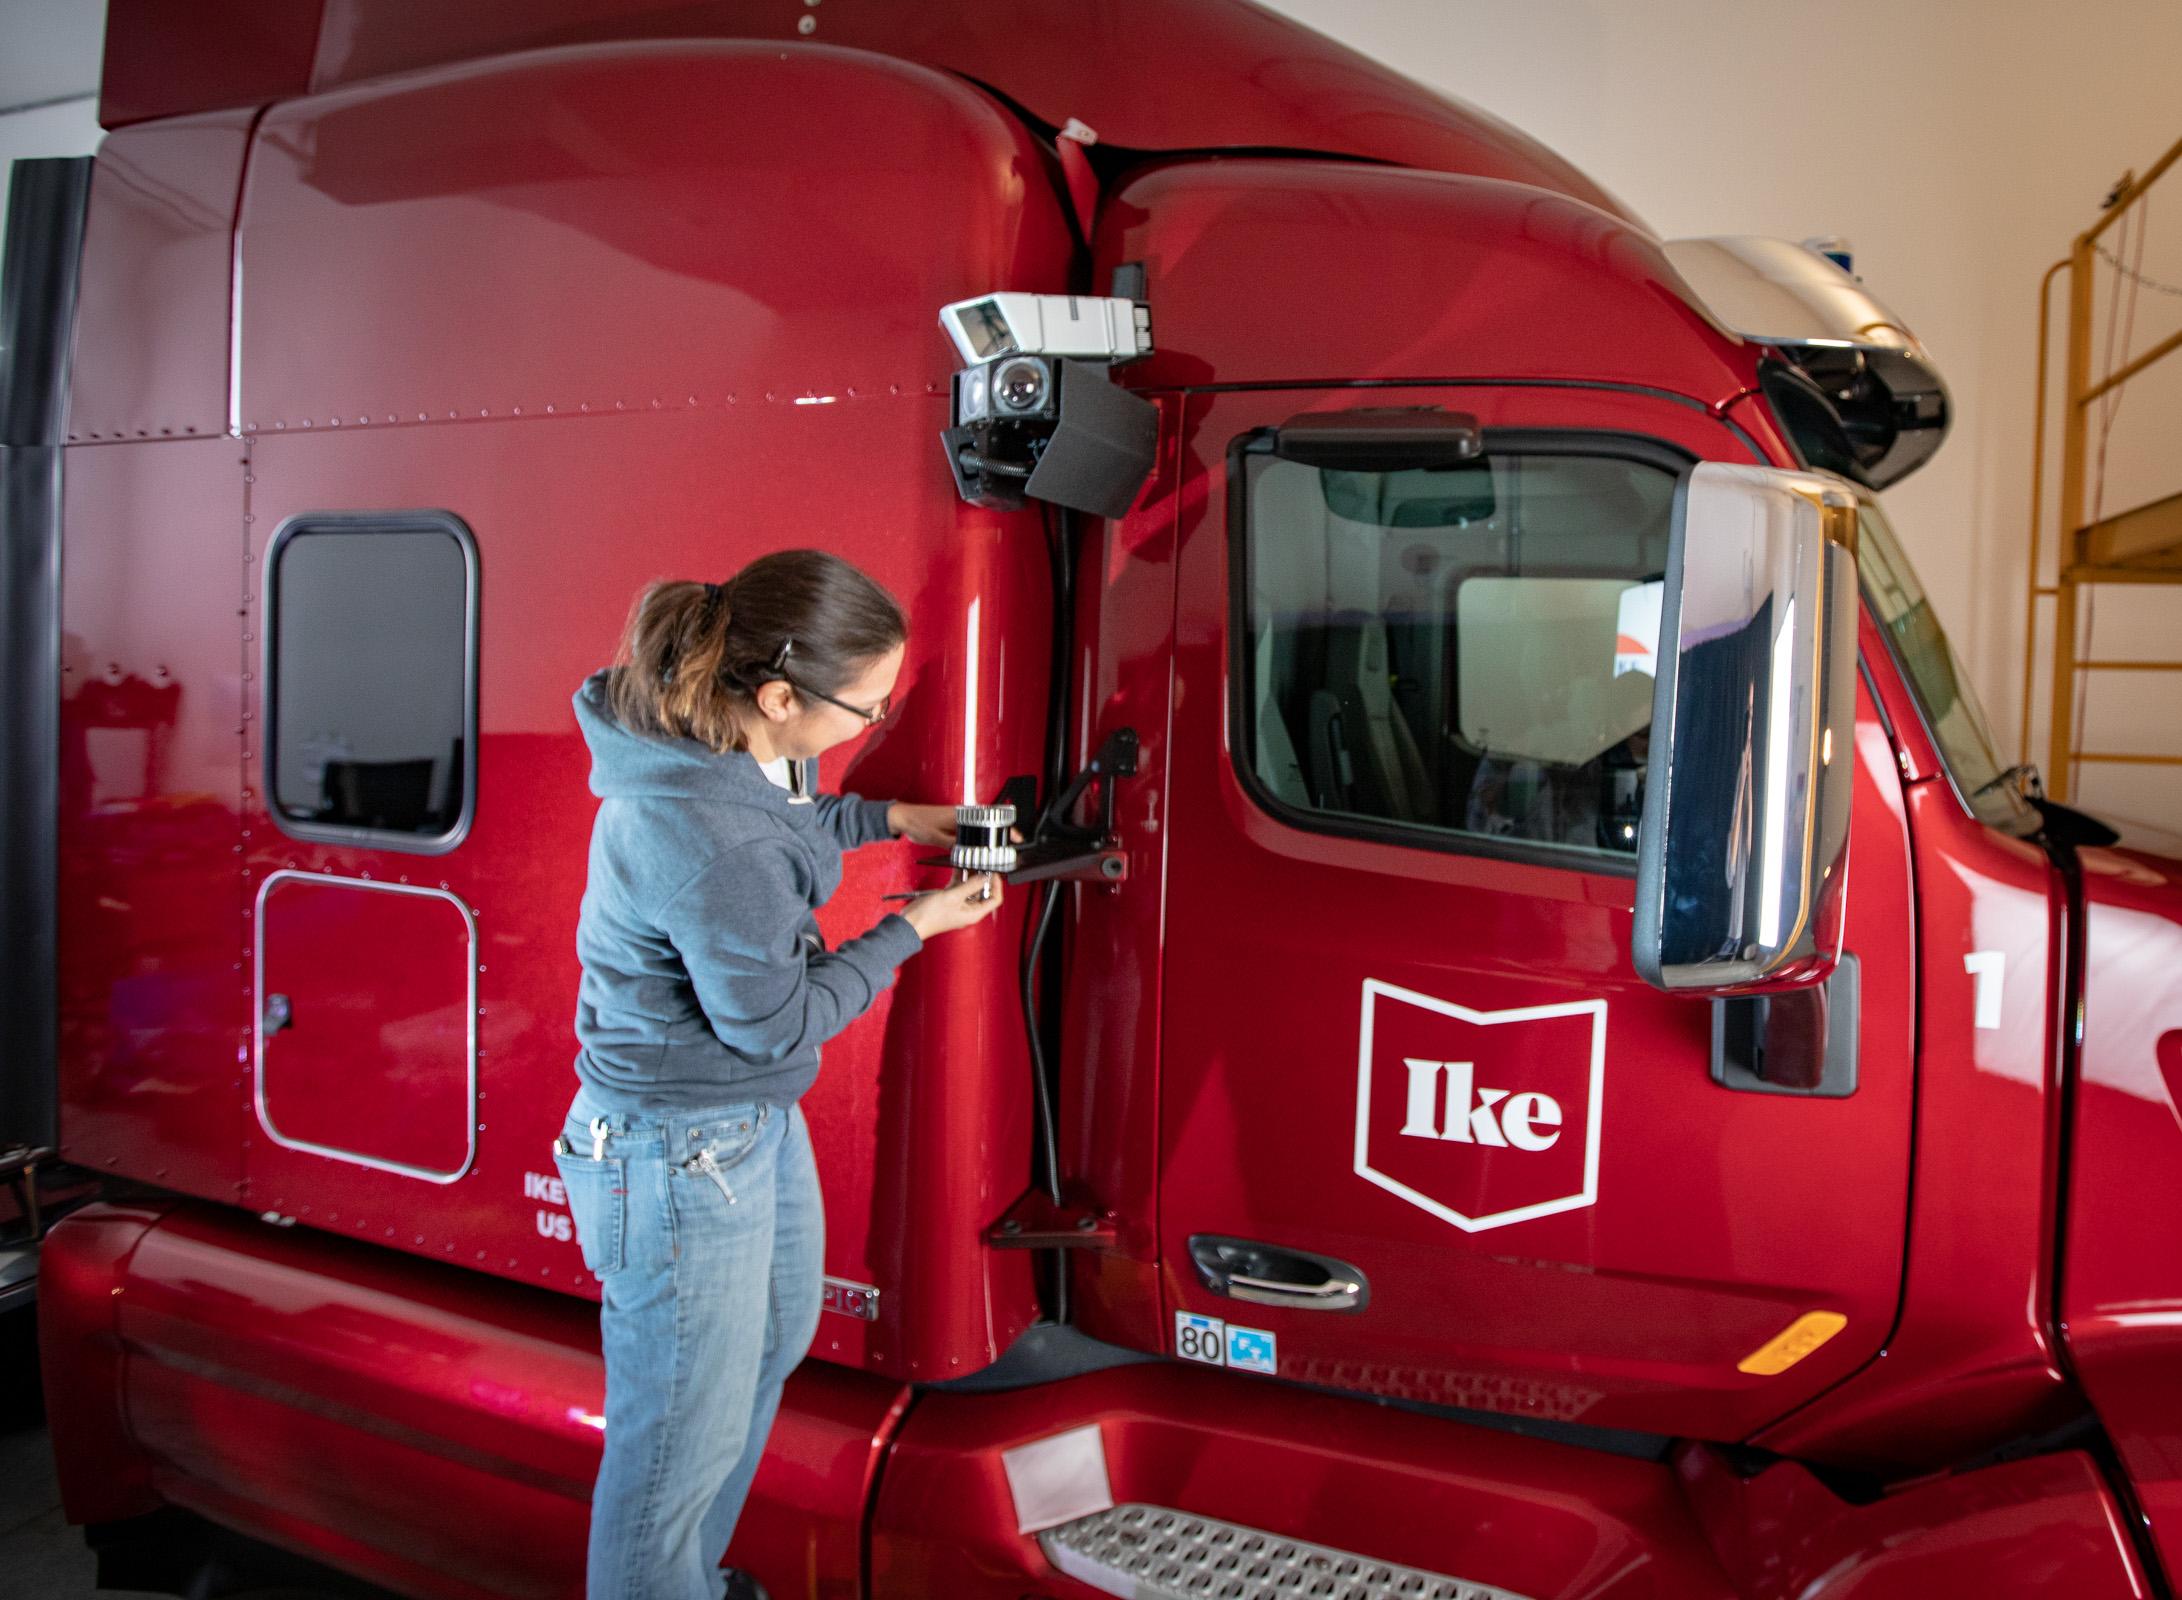 ike trucking sensors